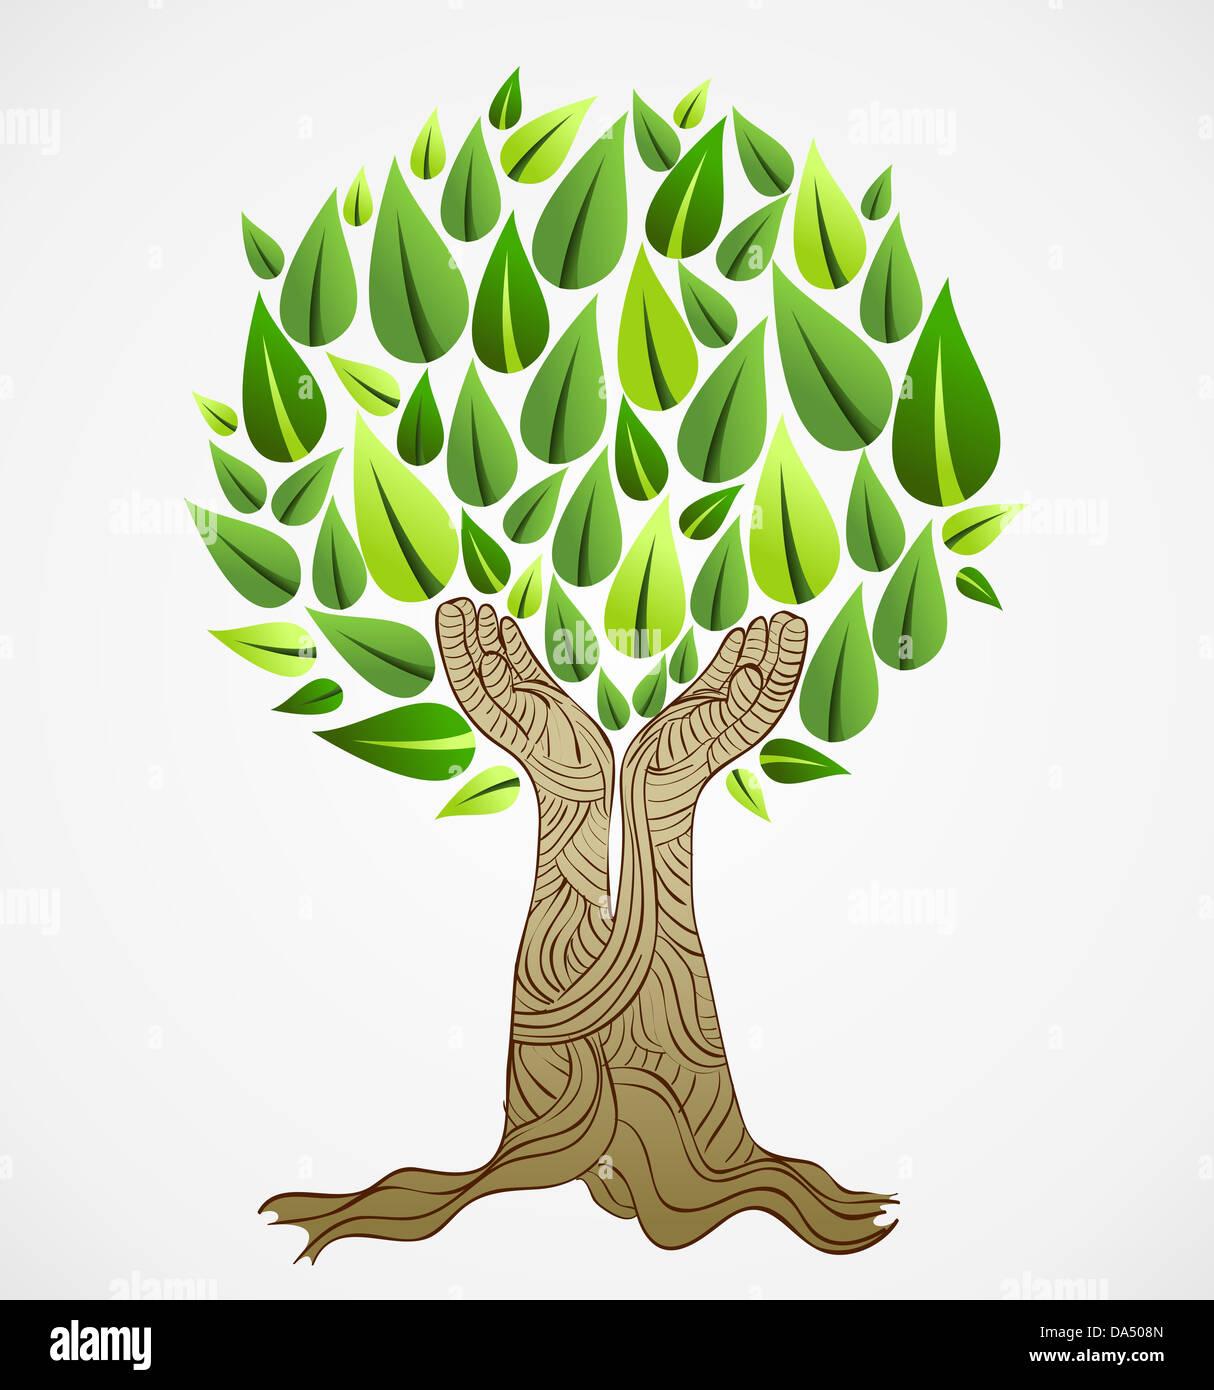 Dessin Avec La Main dessiner à main sauver la terre style idée de l'arbre. cette